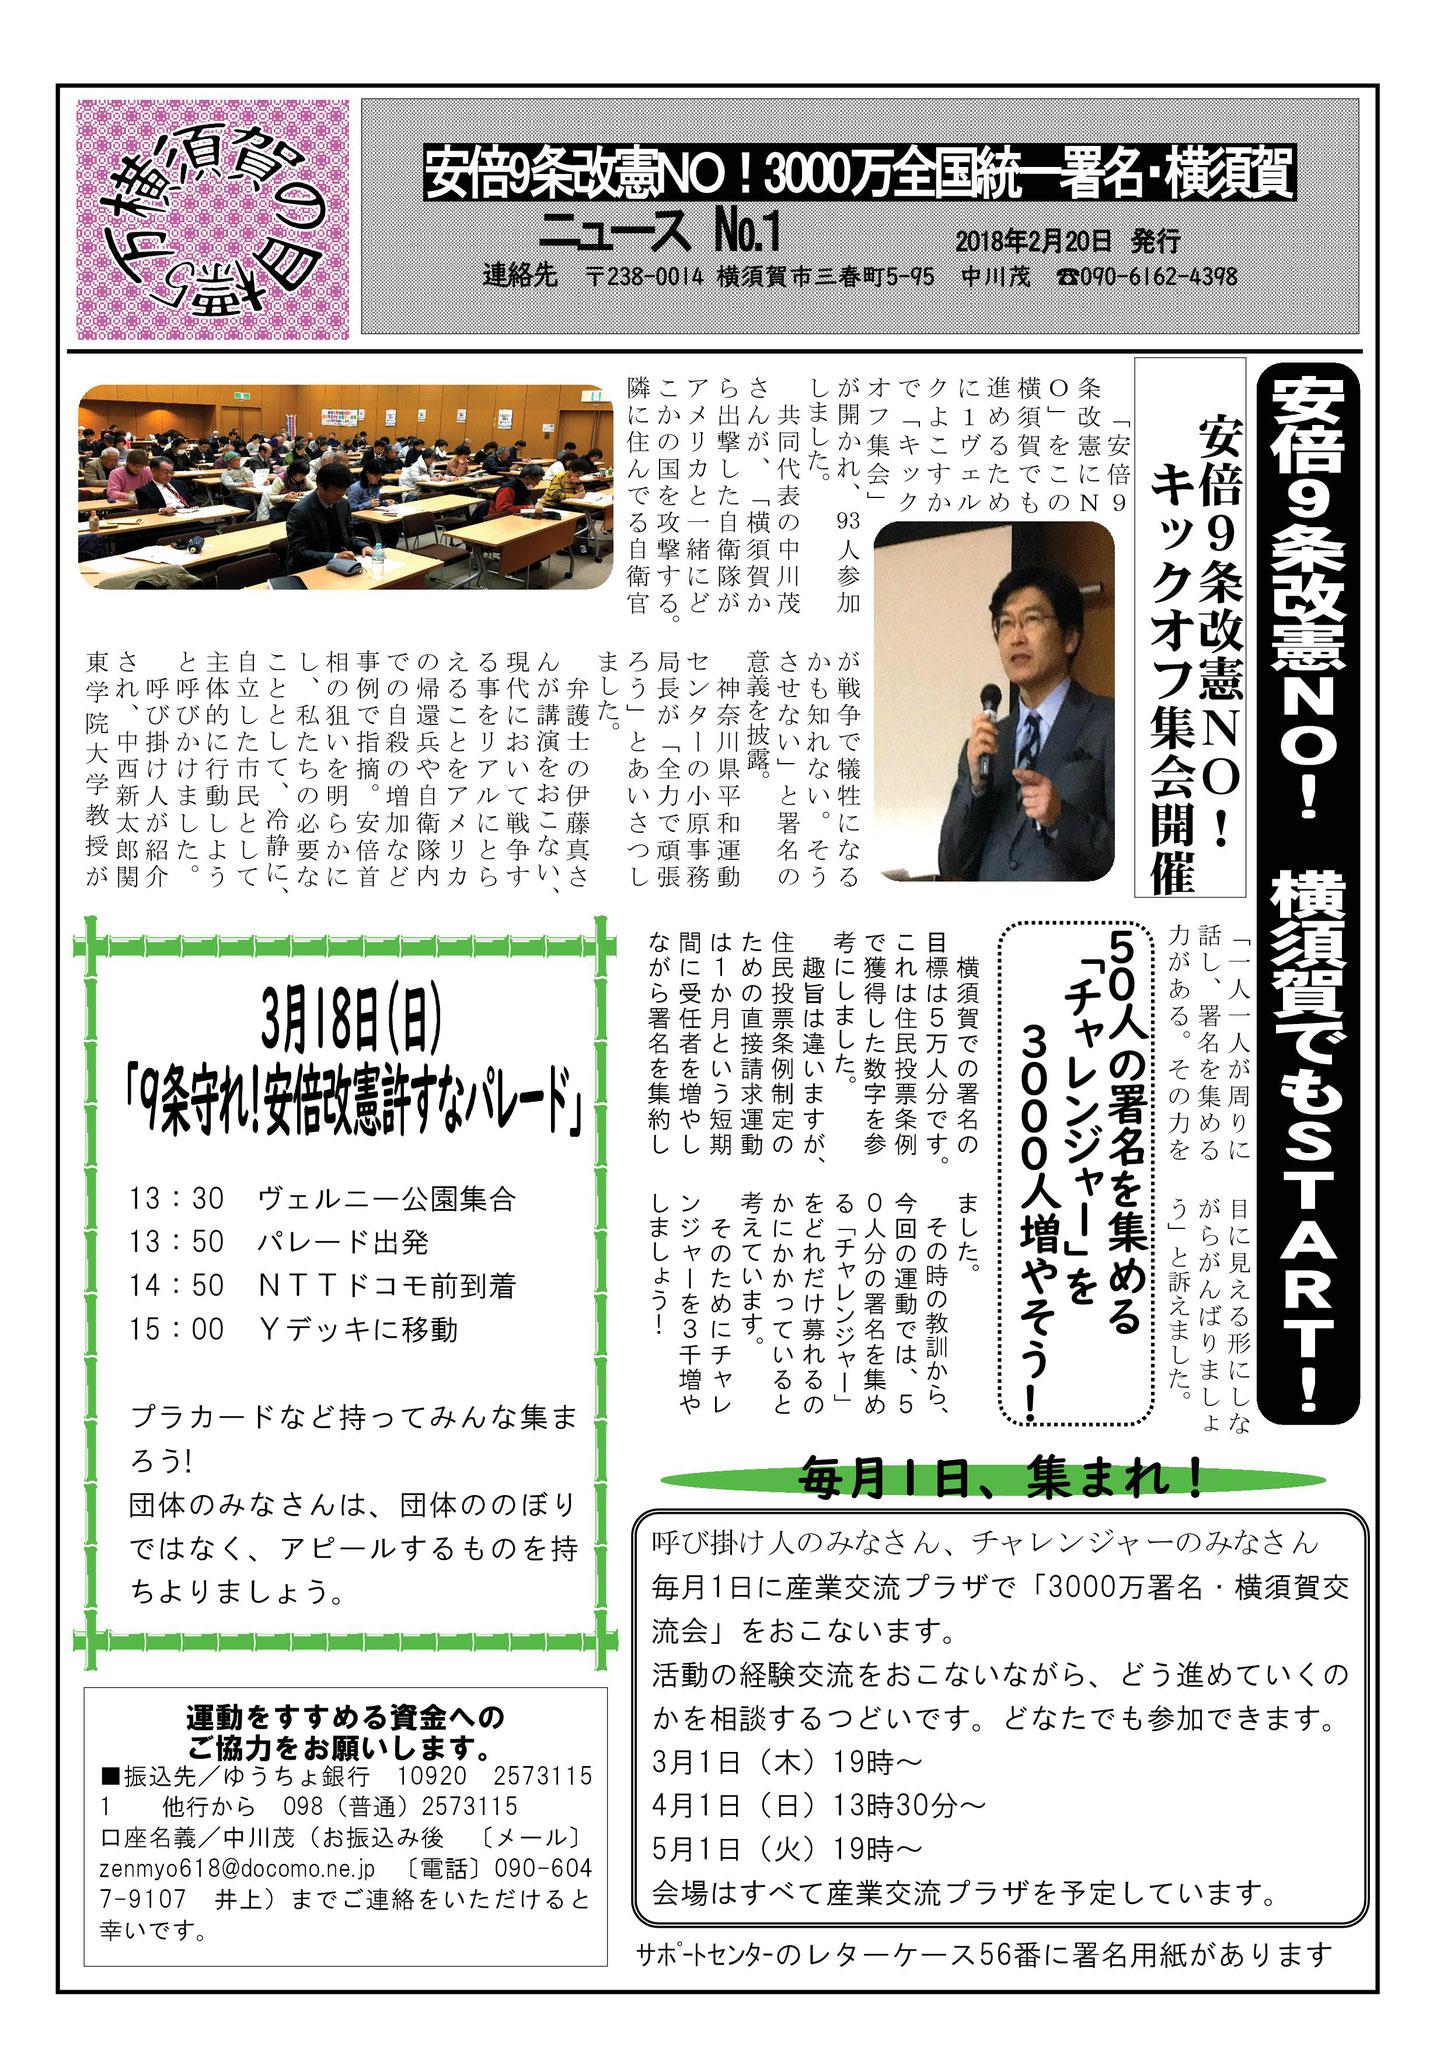 横須賀ニュース1号